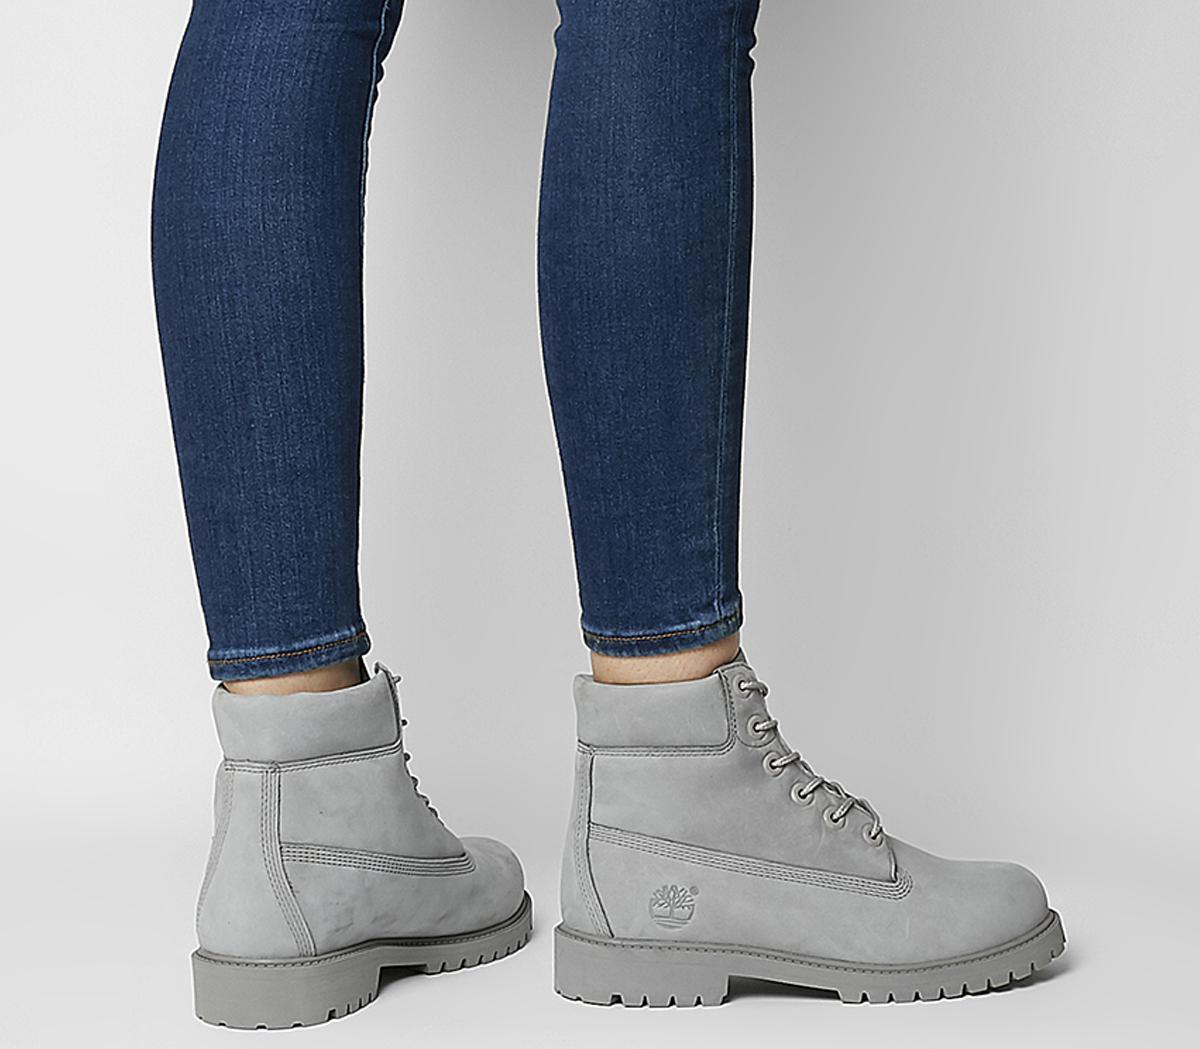 Juniors 6  Premium Waterproof Boots